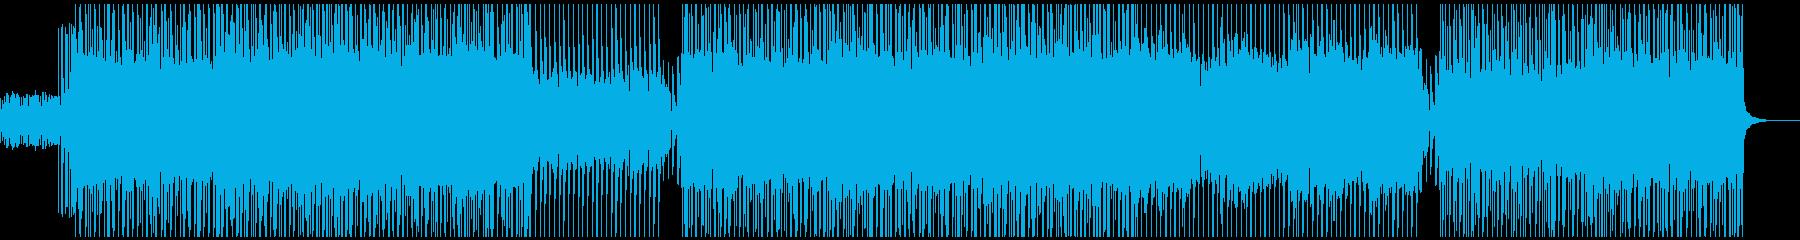 【アラビア風テクノ】軽快な中東テクノ1の再生済みの波形